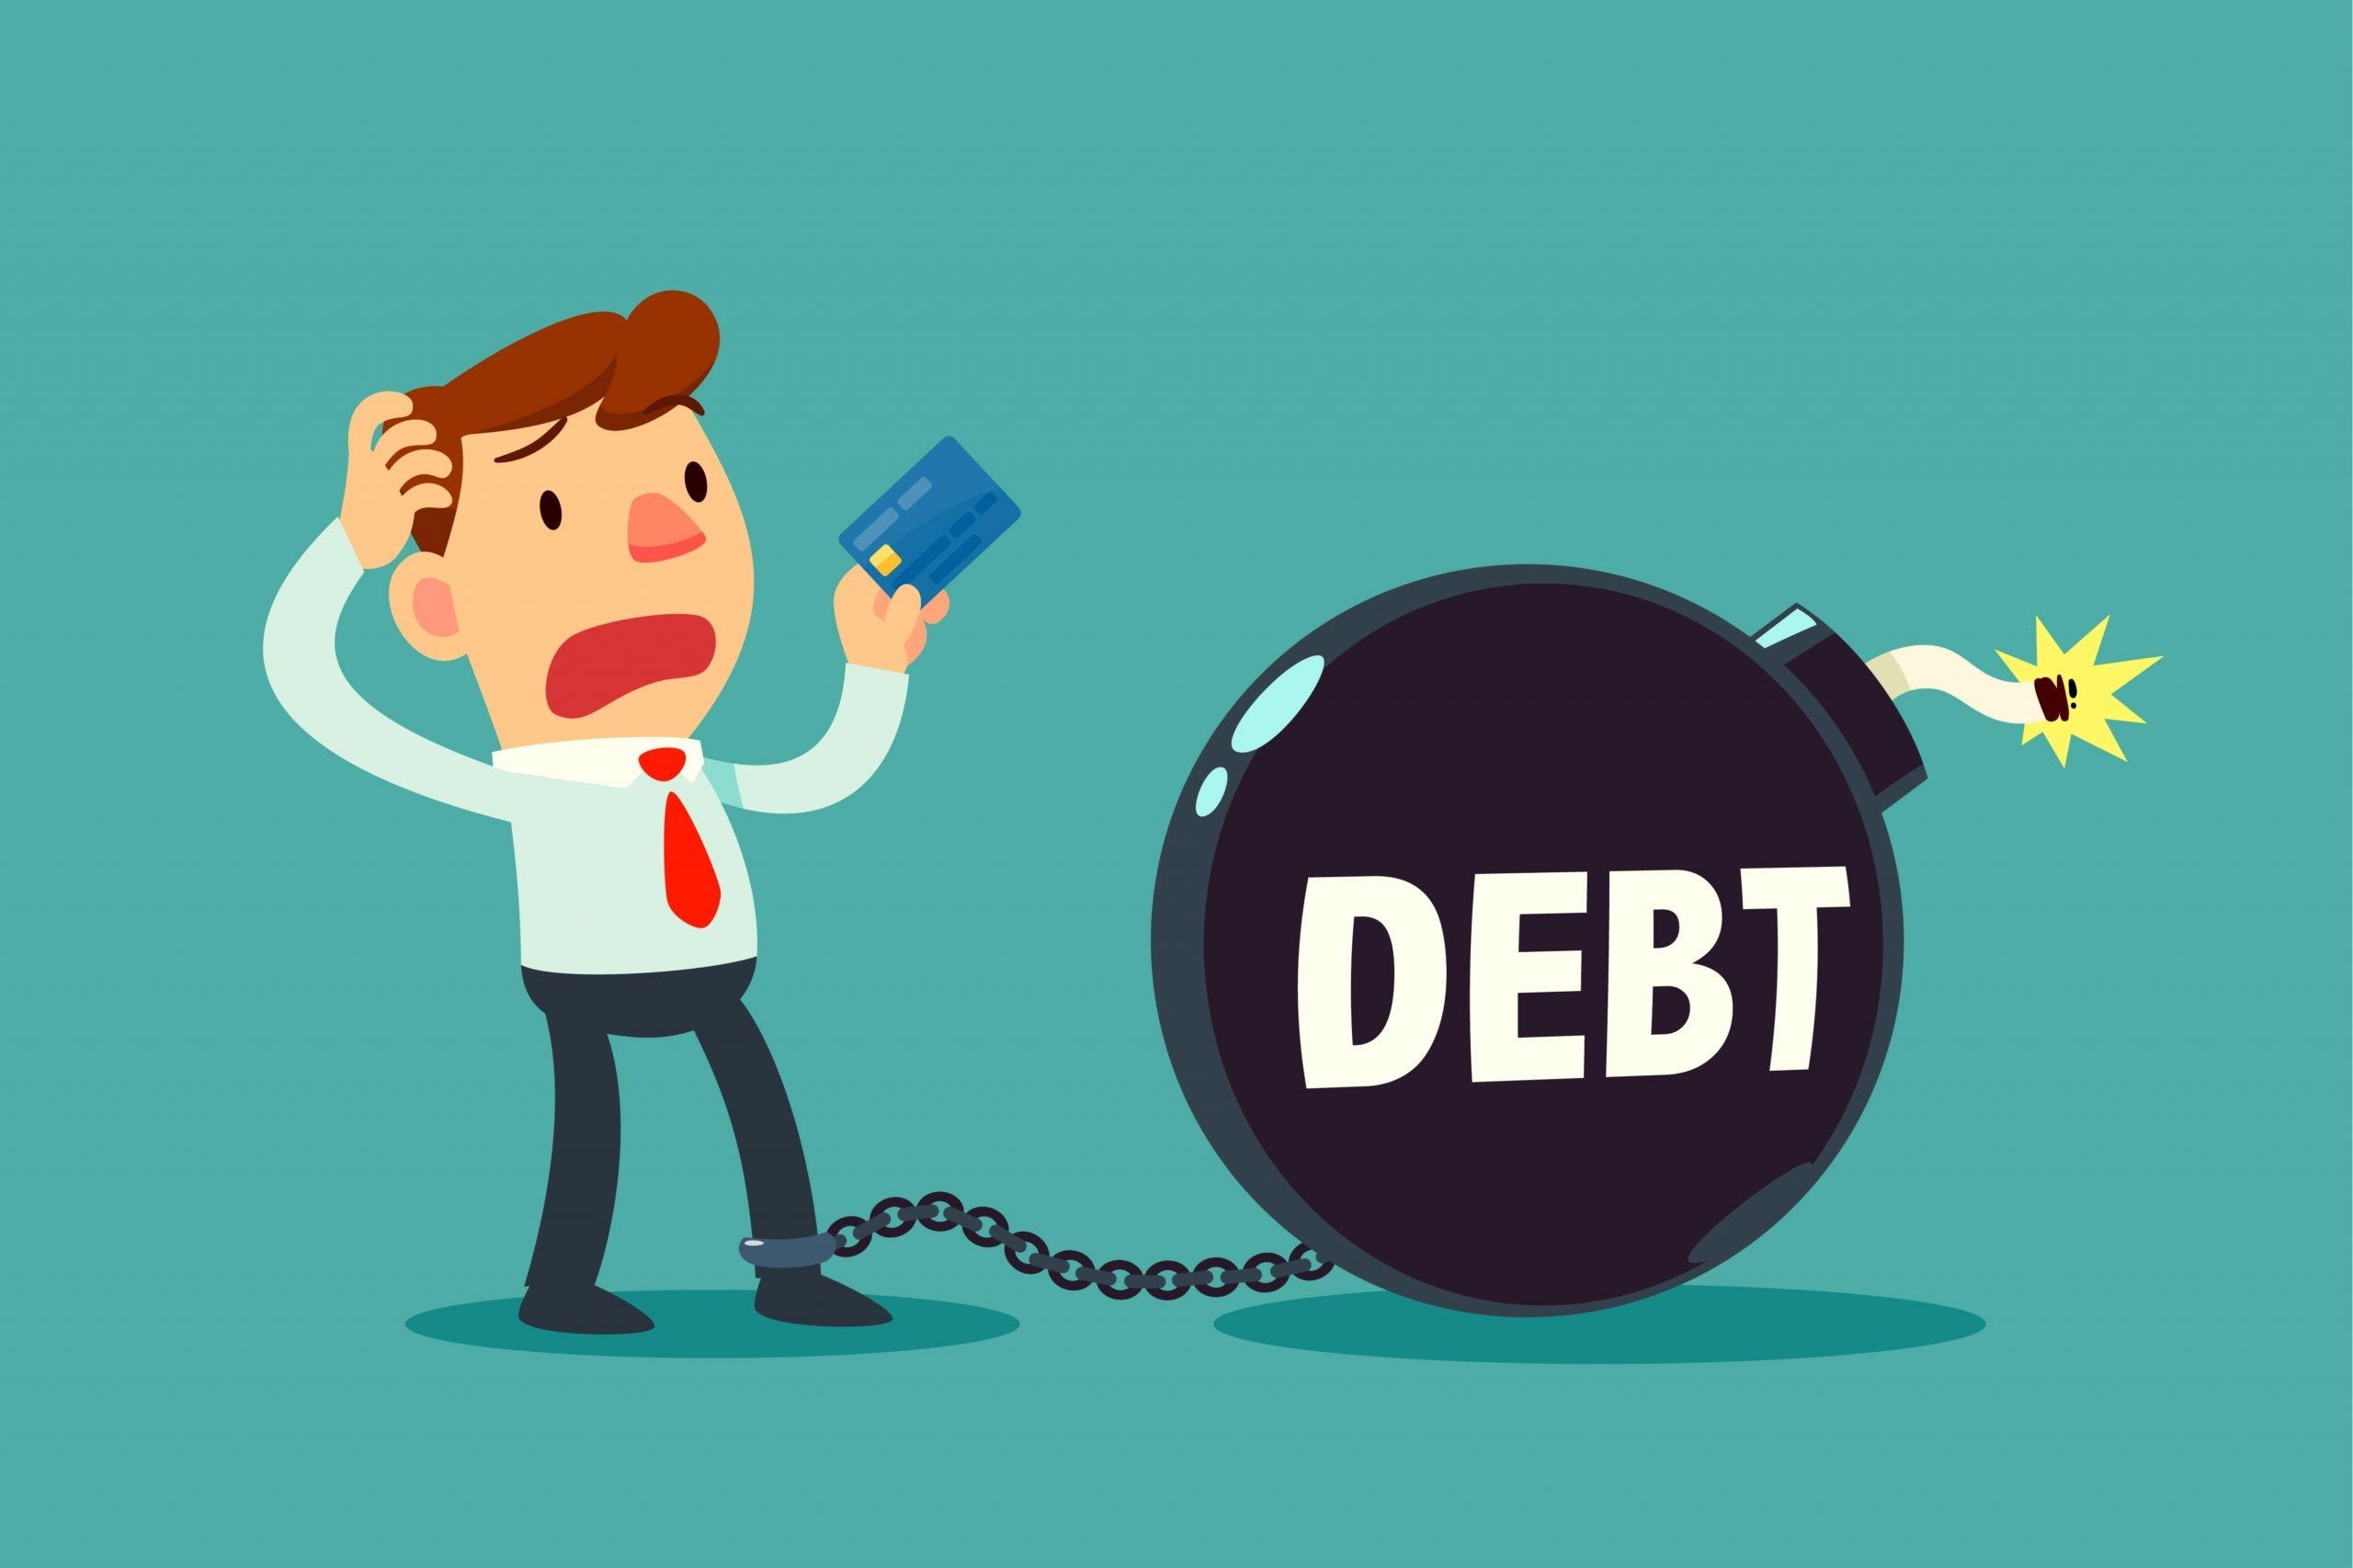 https://debtwave.org/wp-content/uploads/2018/04/Credit-Card-Debt-Burden-1-scaled.jpg